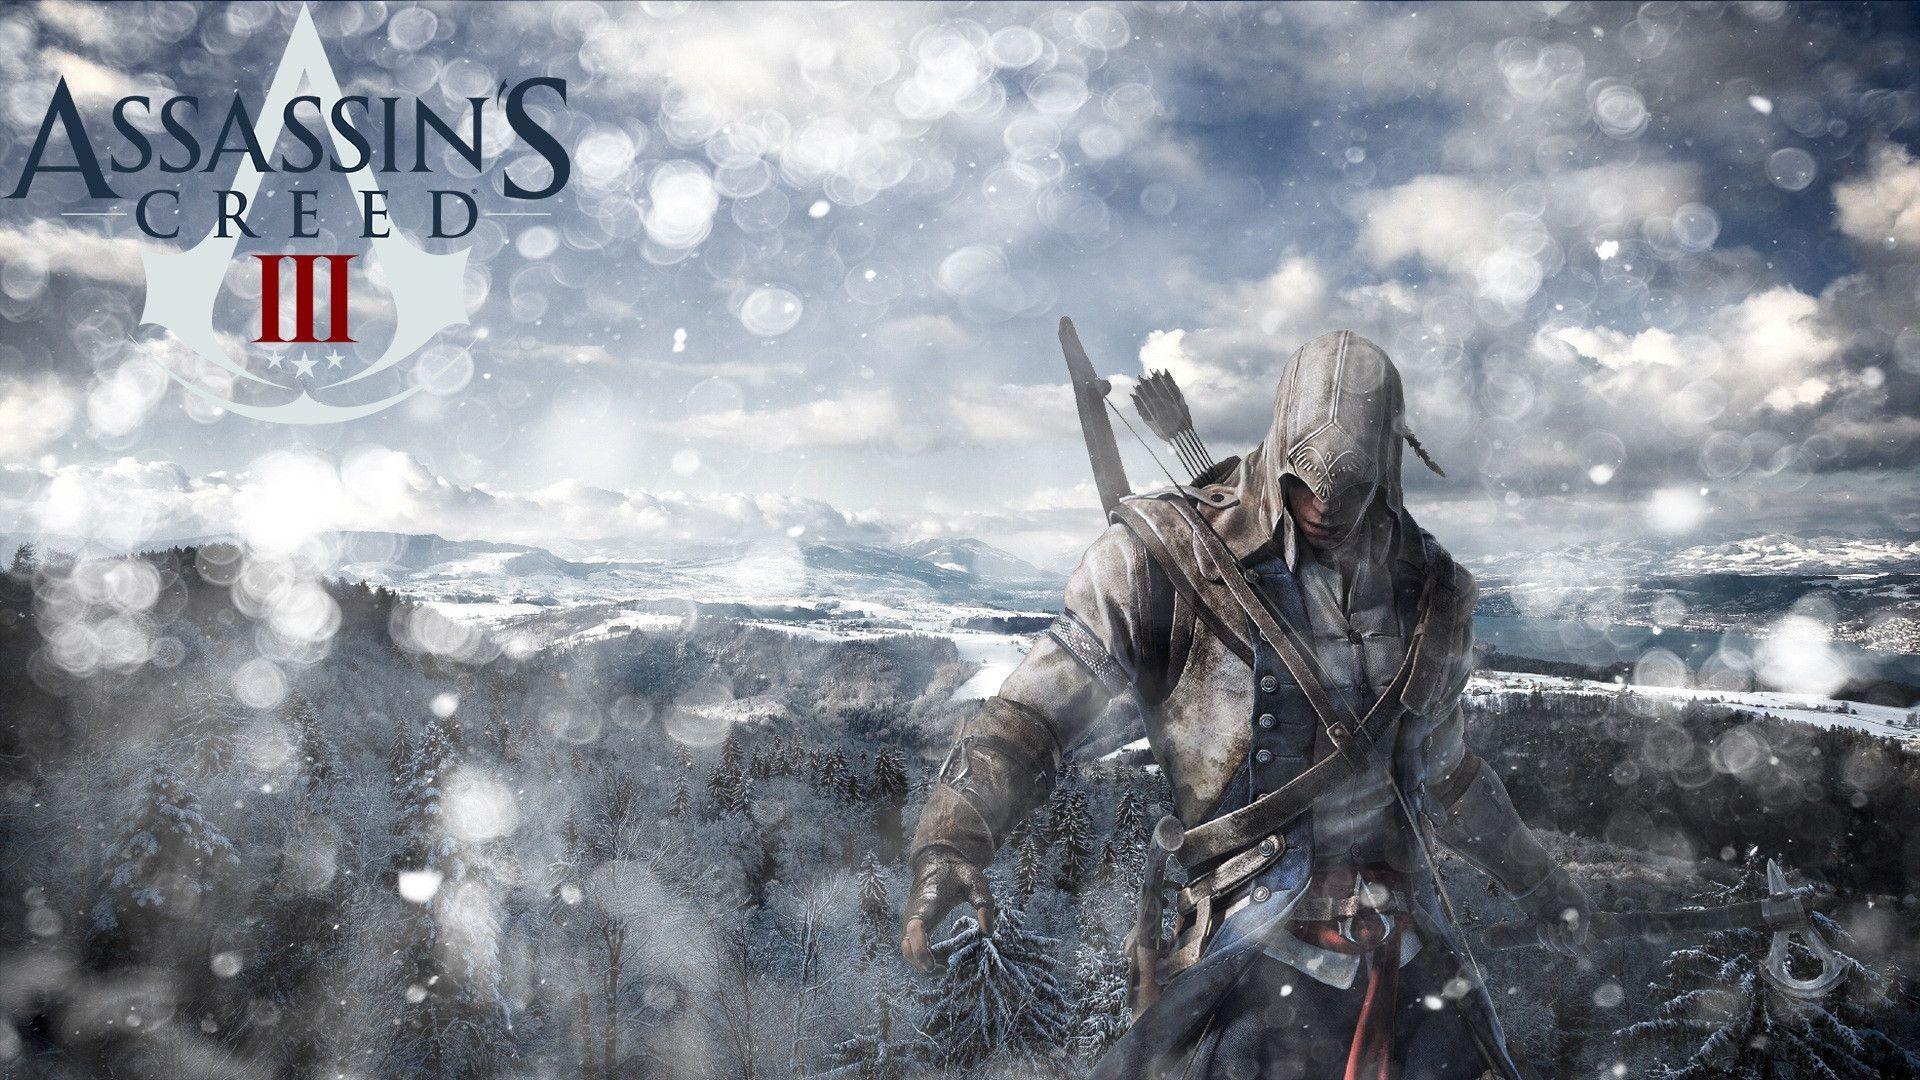 assassins creed wallpapers hd wallpaper | hd wallpapers | pinterest